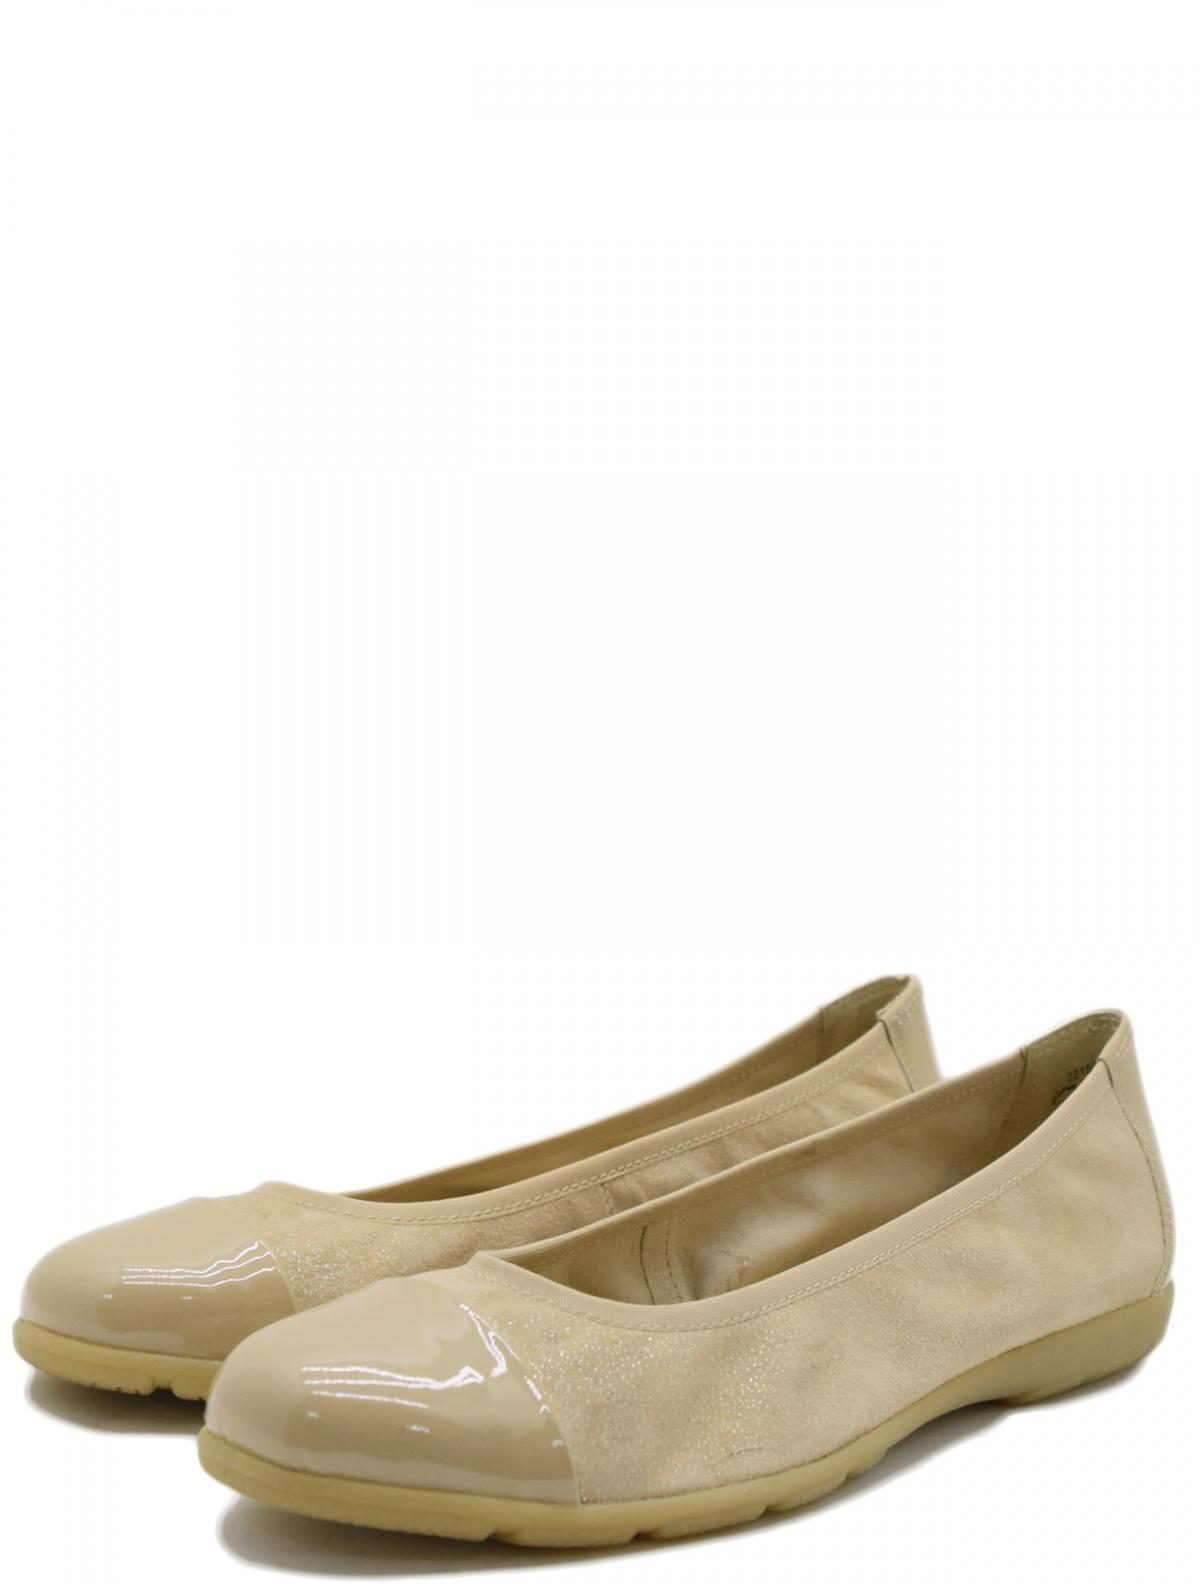 Caprice 9-22152-26-355 женские балетки